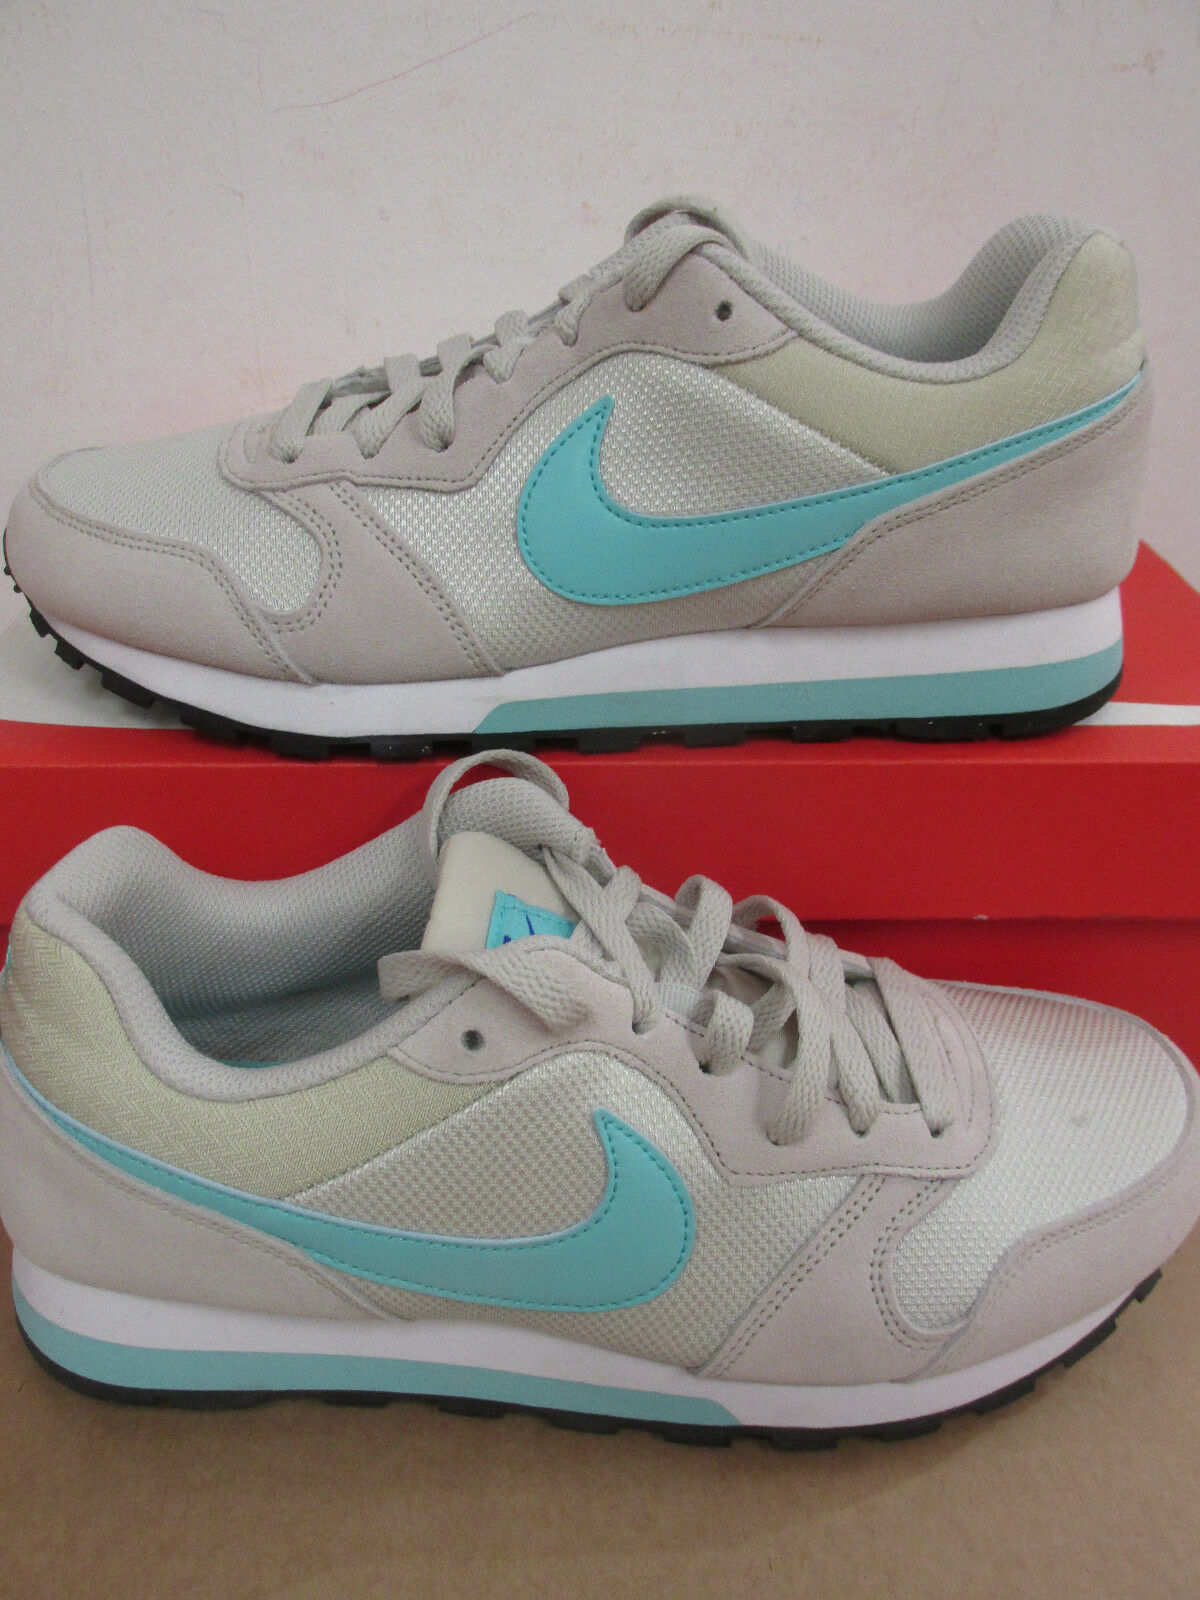 Nike femme MD Runner 2 Baskets 749869 034 Baskets Chaussures De Dégagement